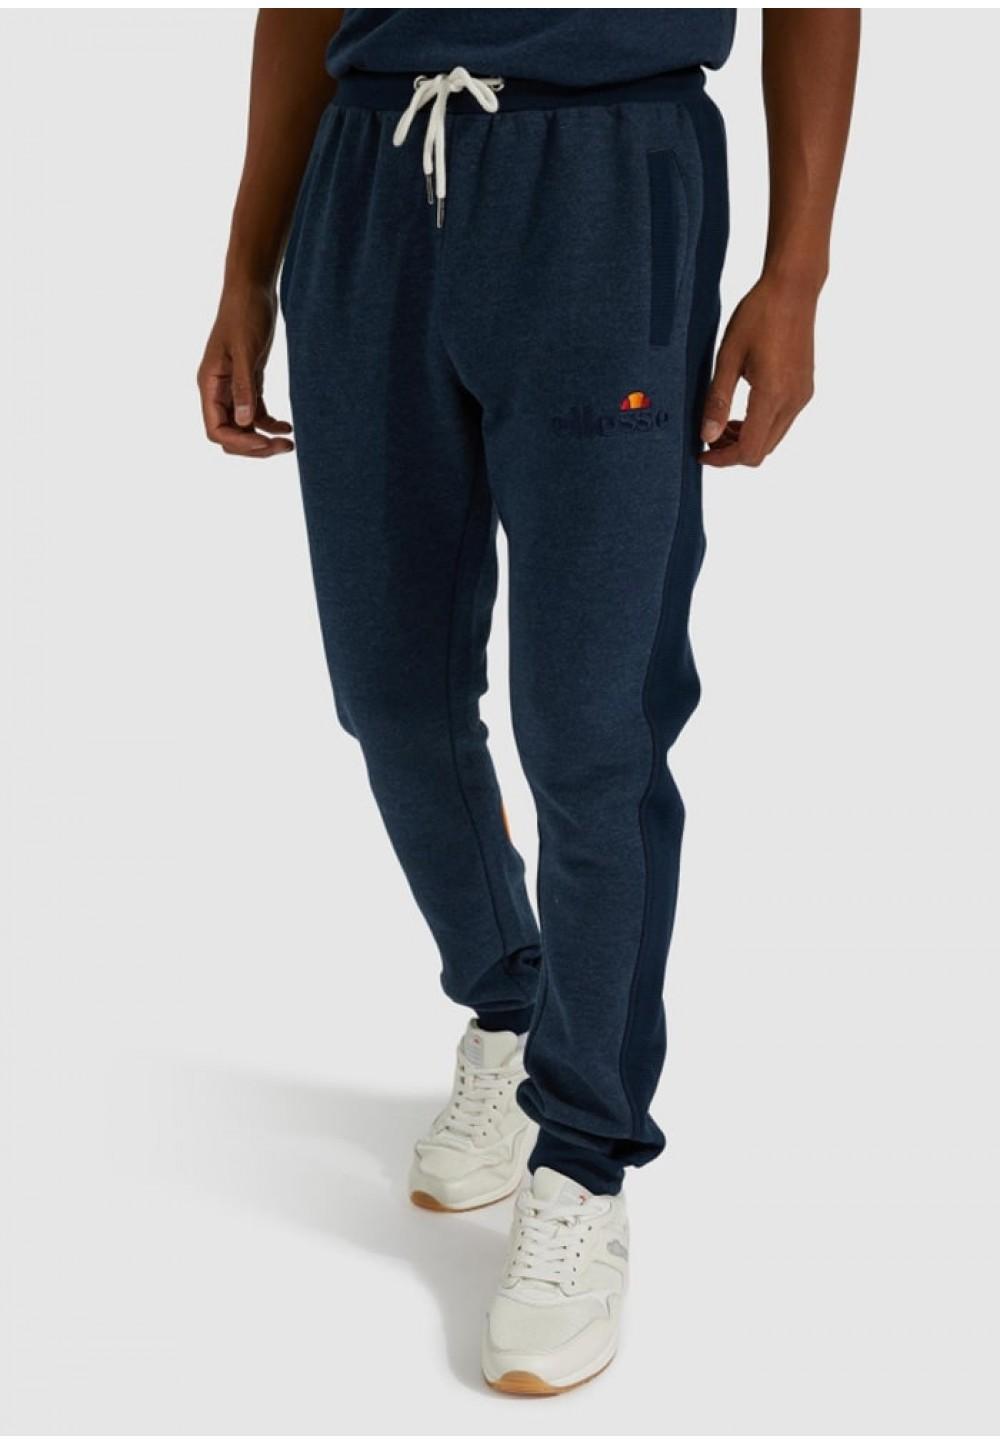 Спортивные мужские брюки синего цвета